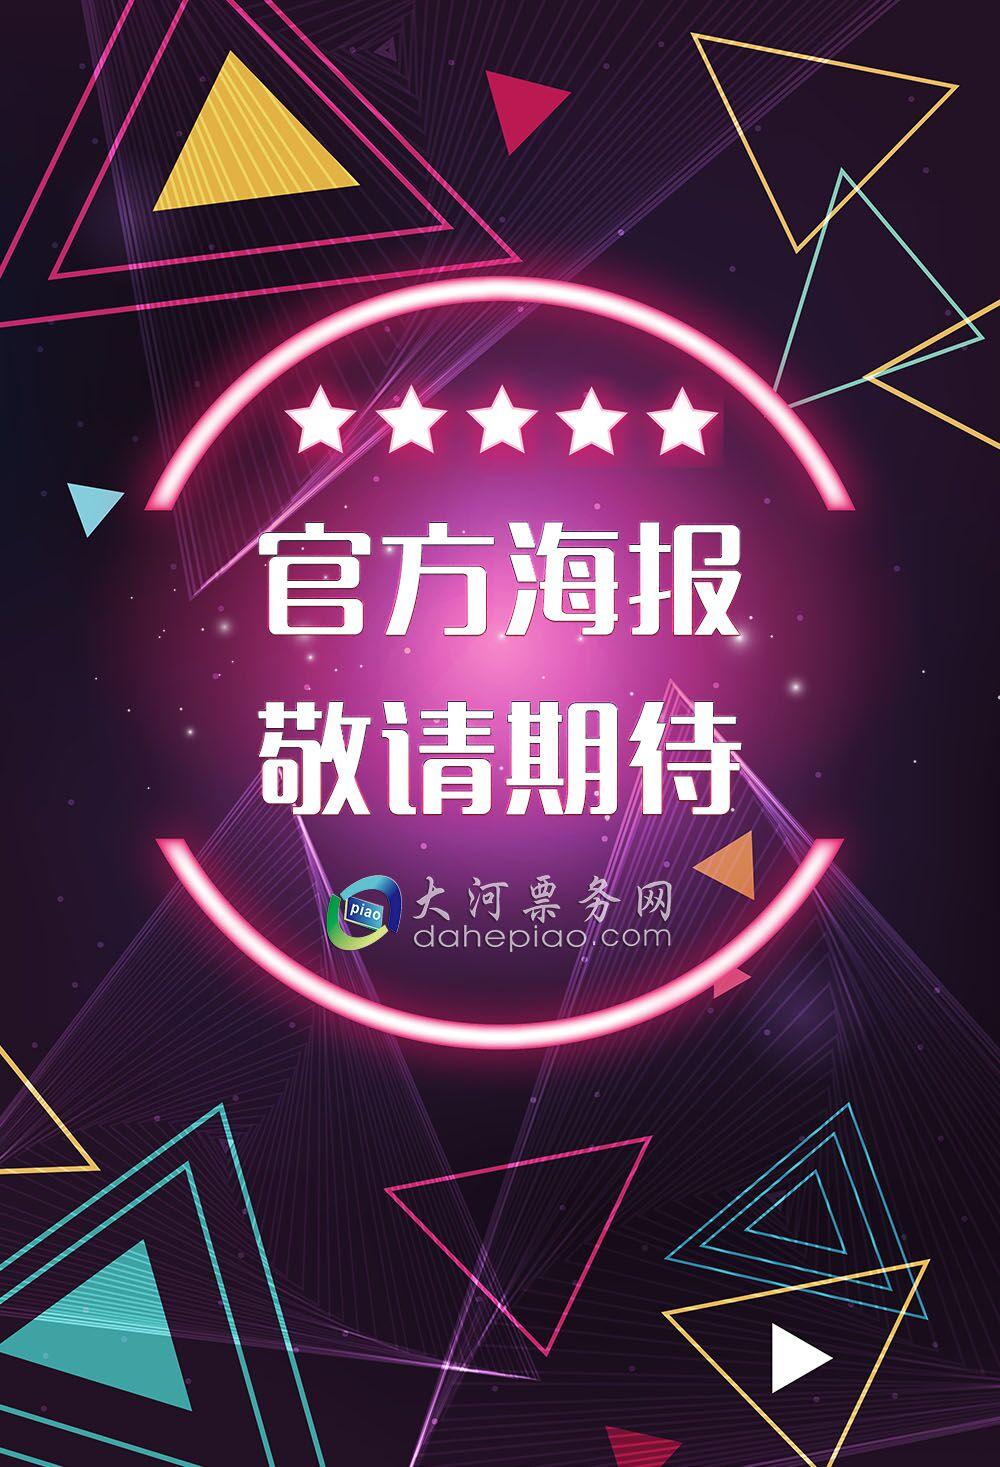 2020陈楚生演唱会厦门站